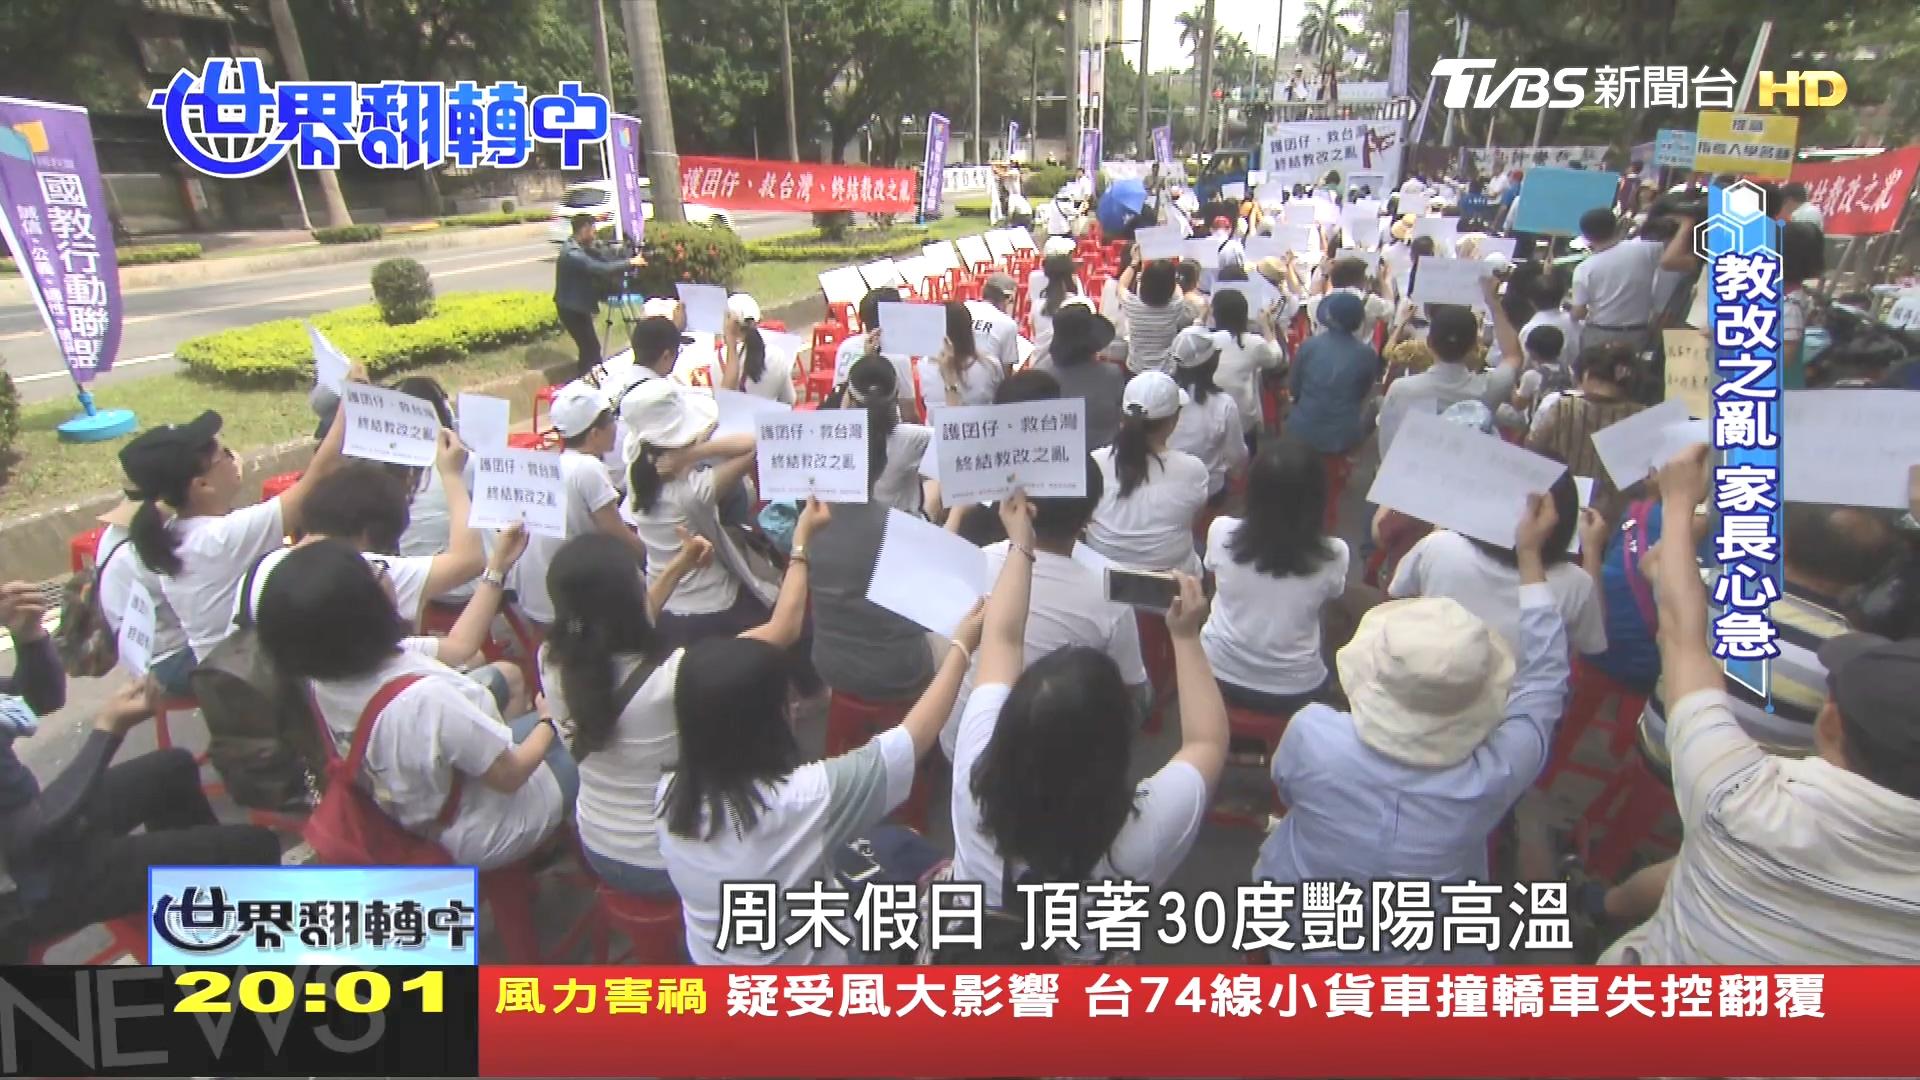 圖/TVBS 教改25年越改越糟? 家長團體呼籲:終結教改之亂!